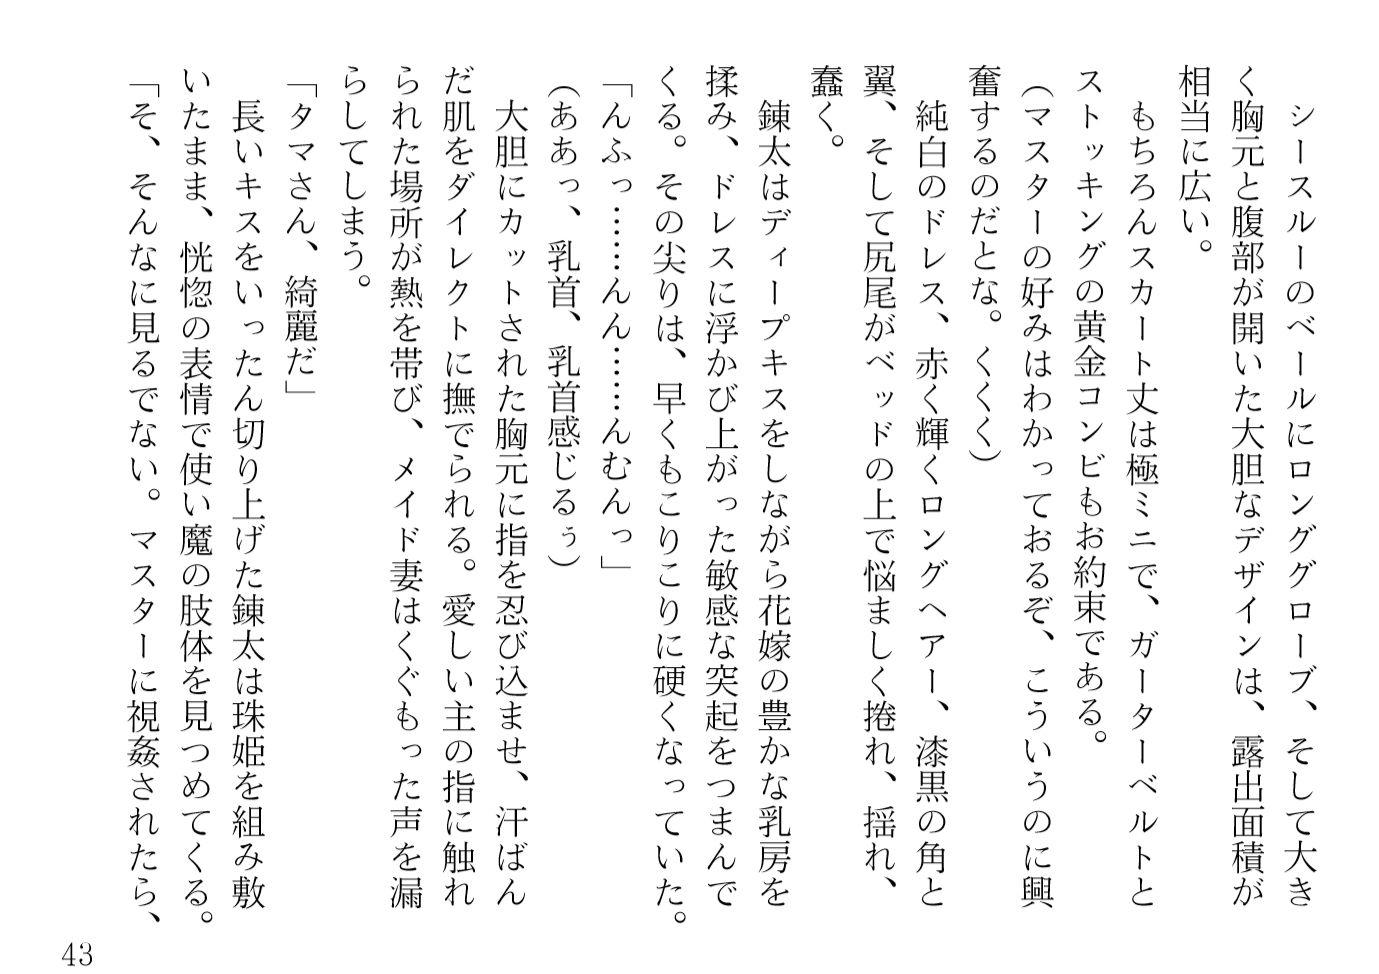 【青橋商店 同人】青橋由高短編集7悪魔メイドはデレデレです